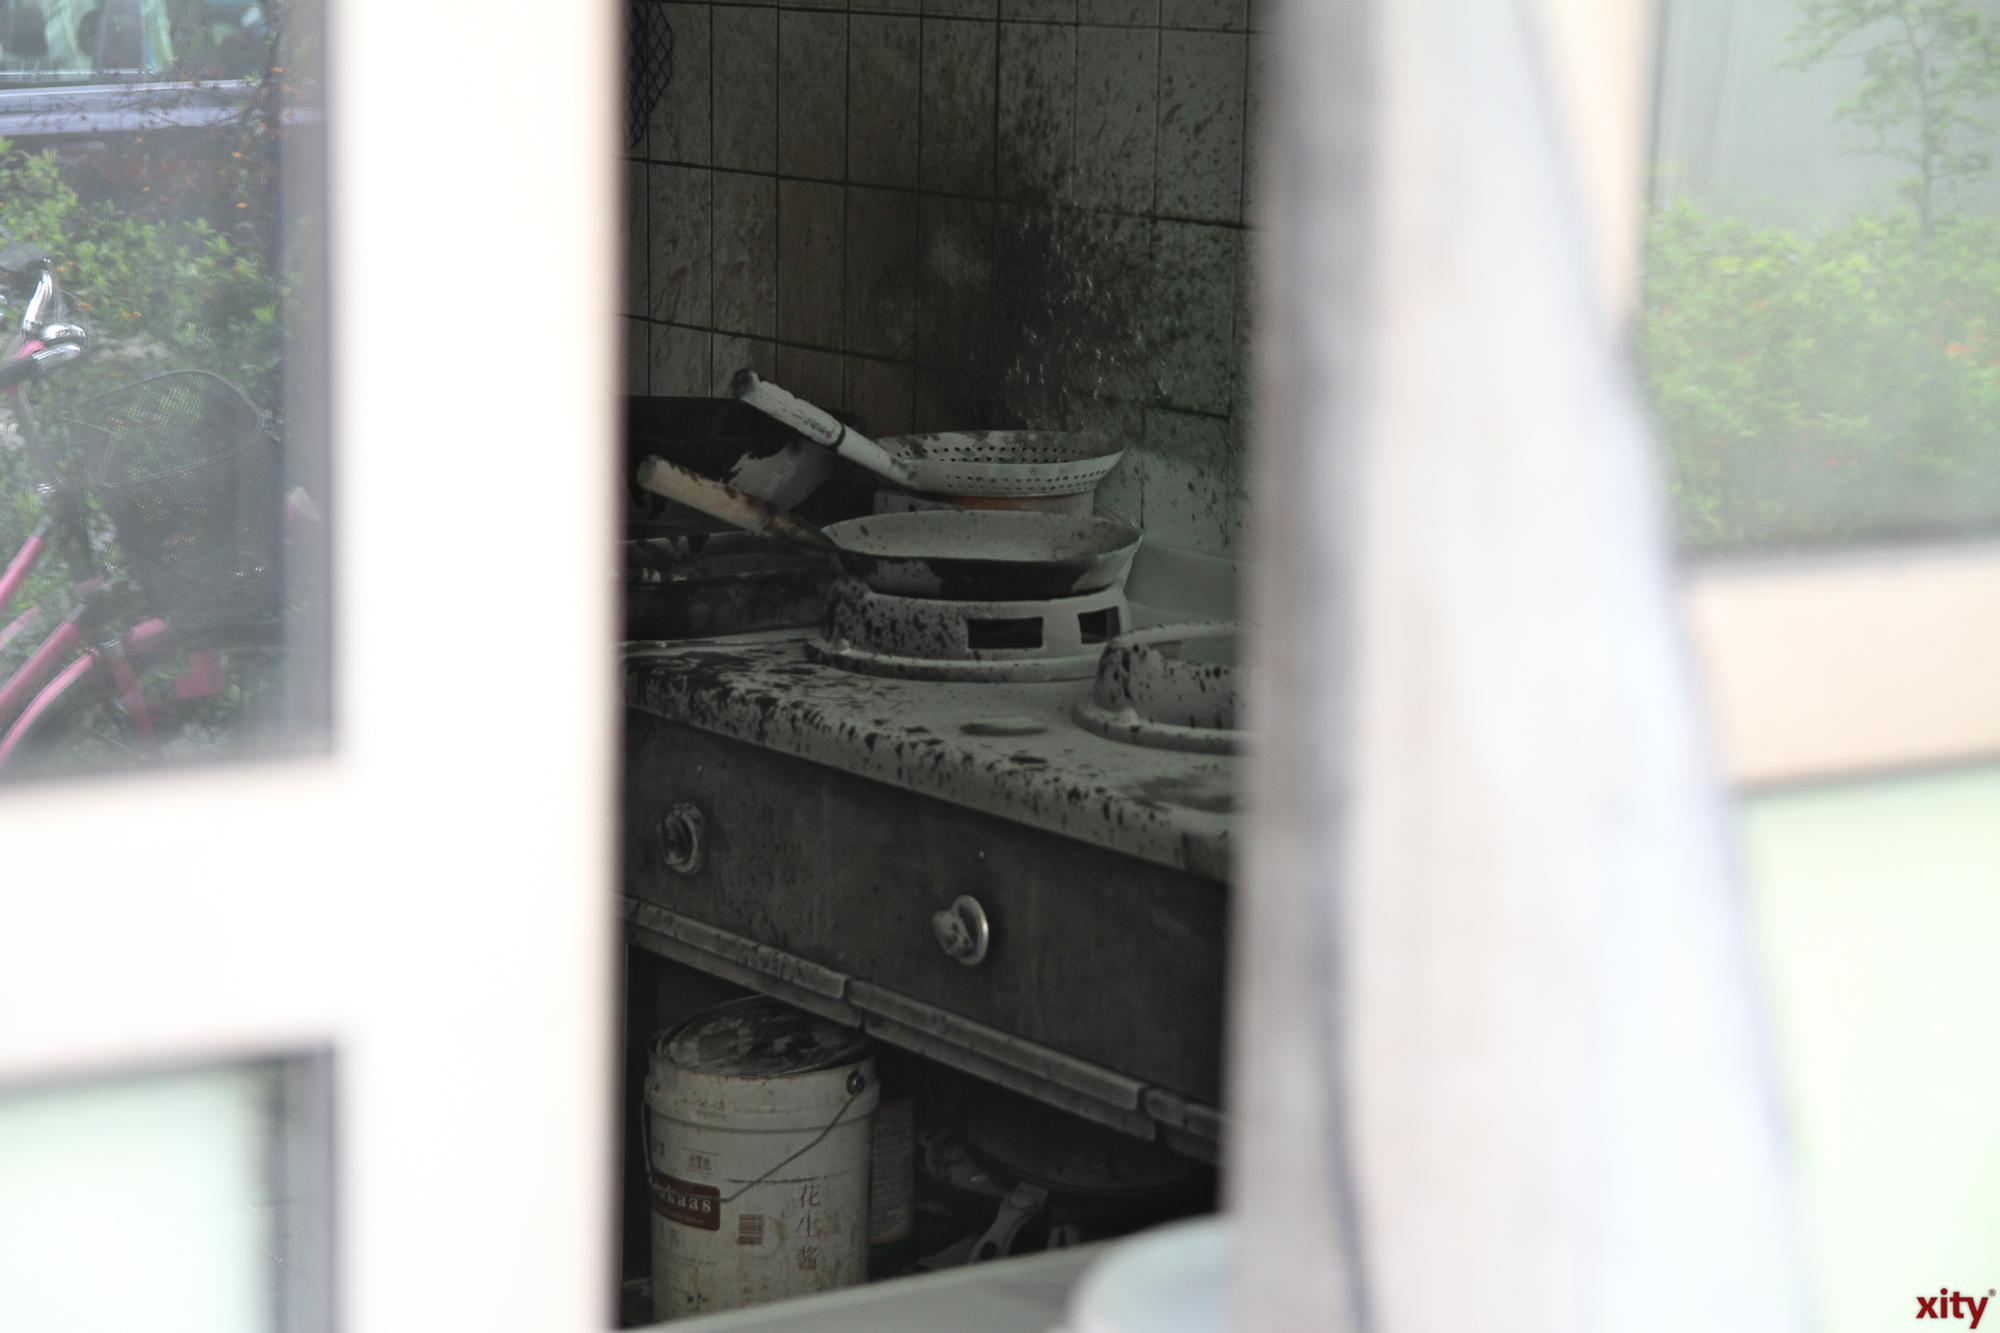 In der Küche eines Restaurants war ein Feuer ausgebrochen (Foto: xity)